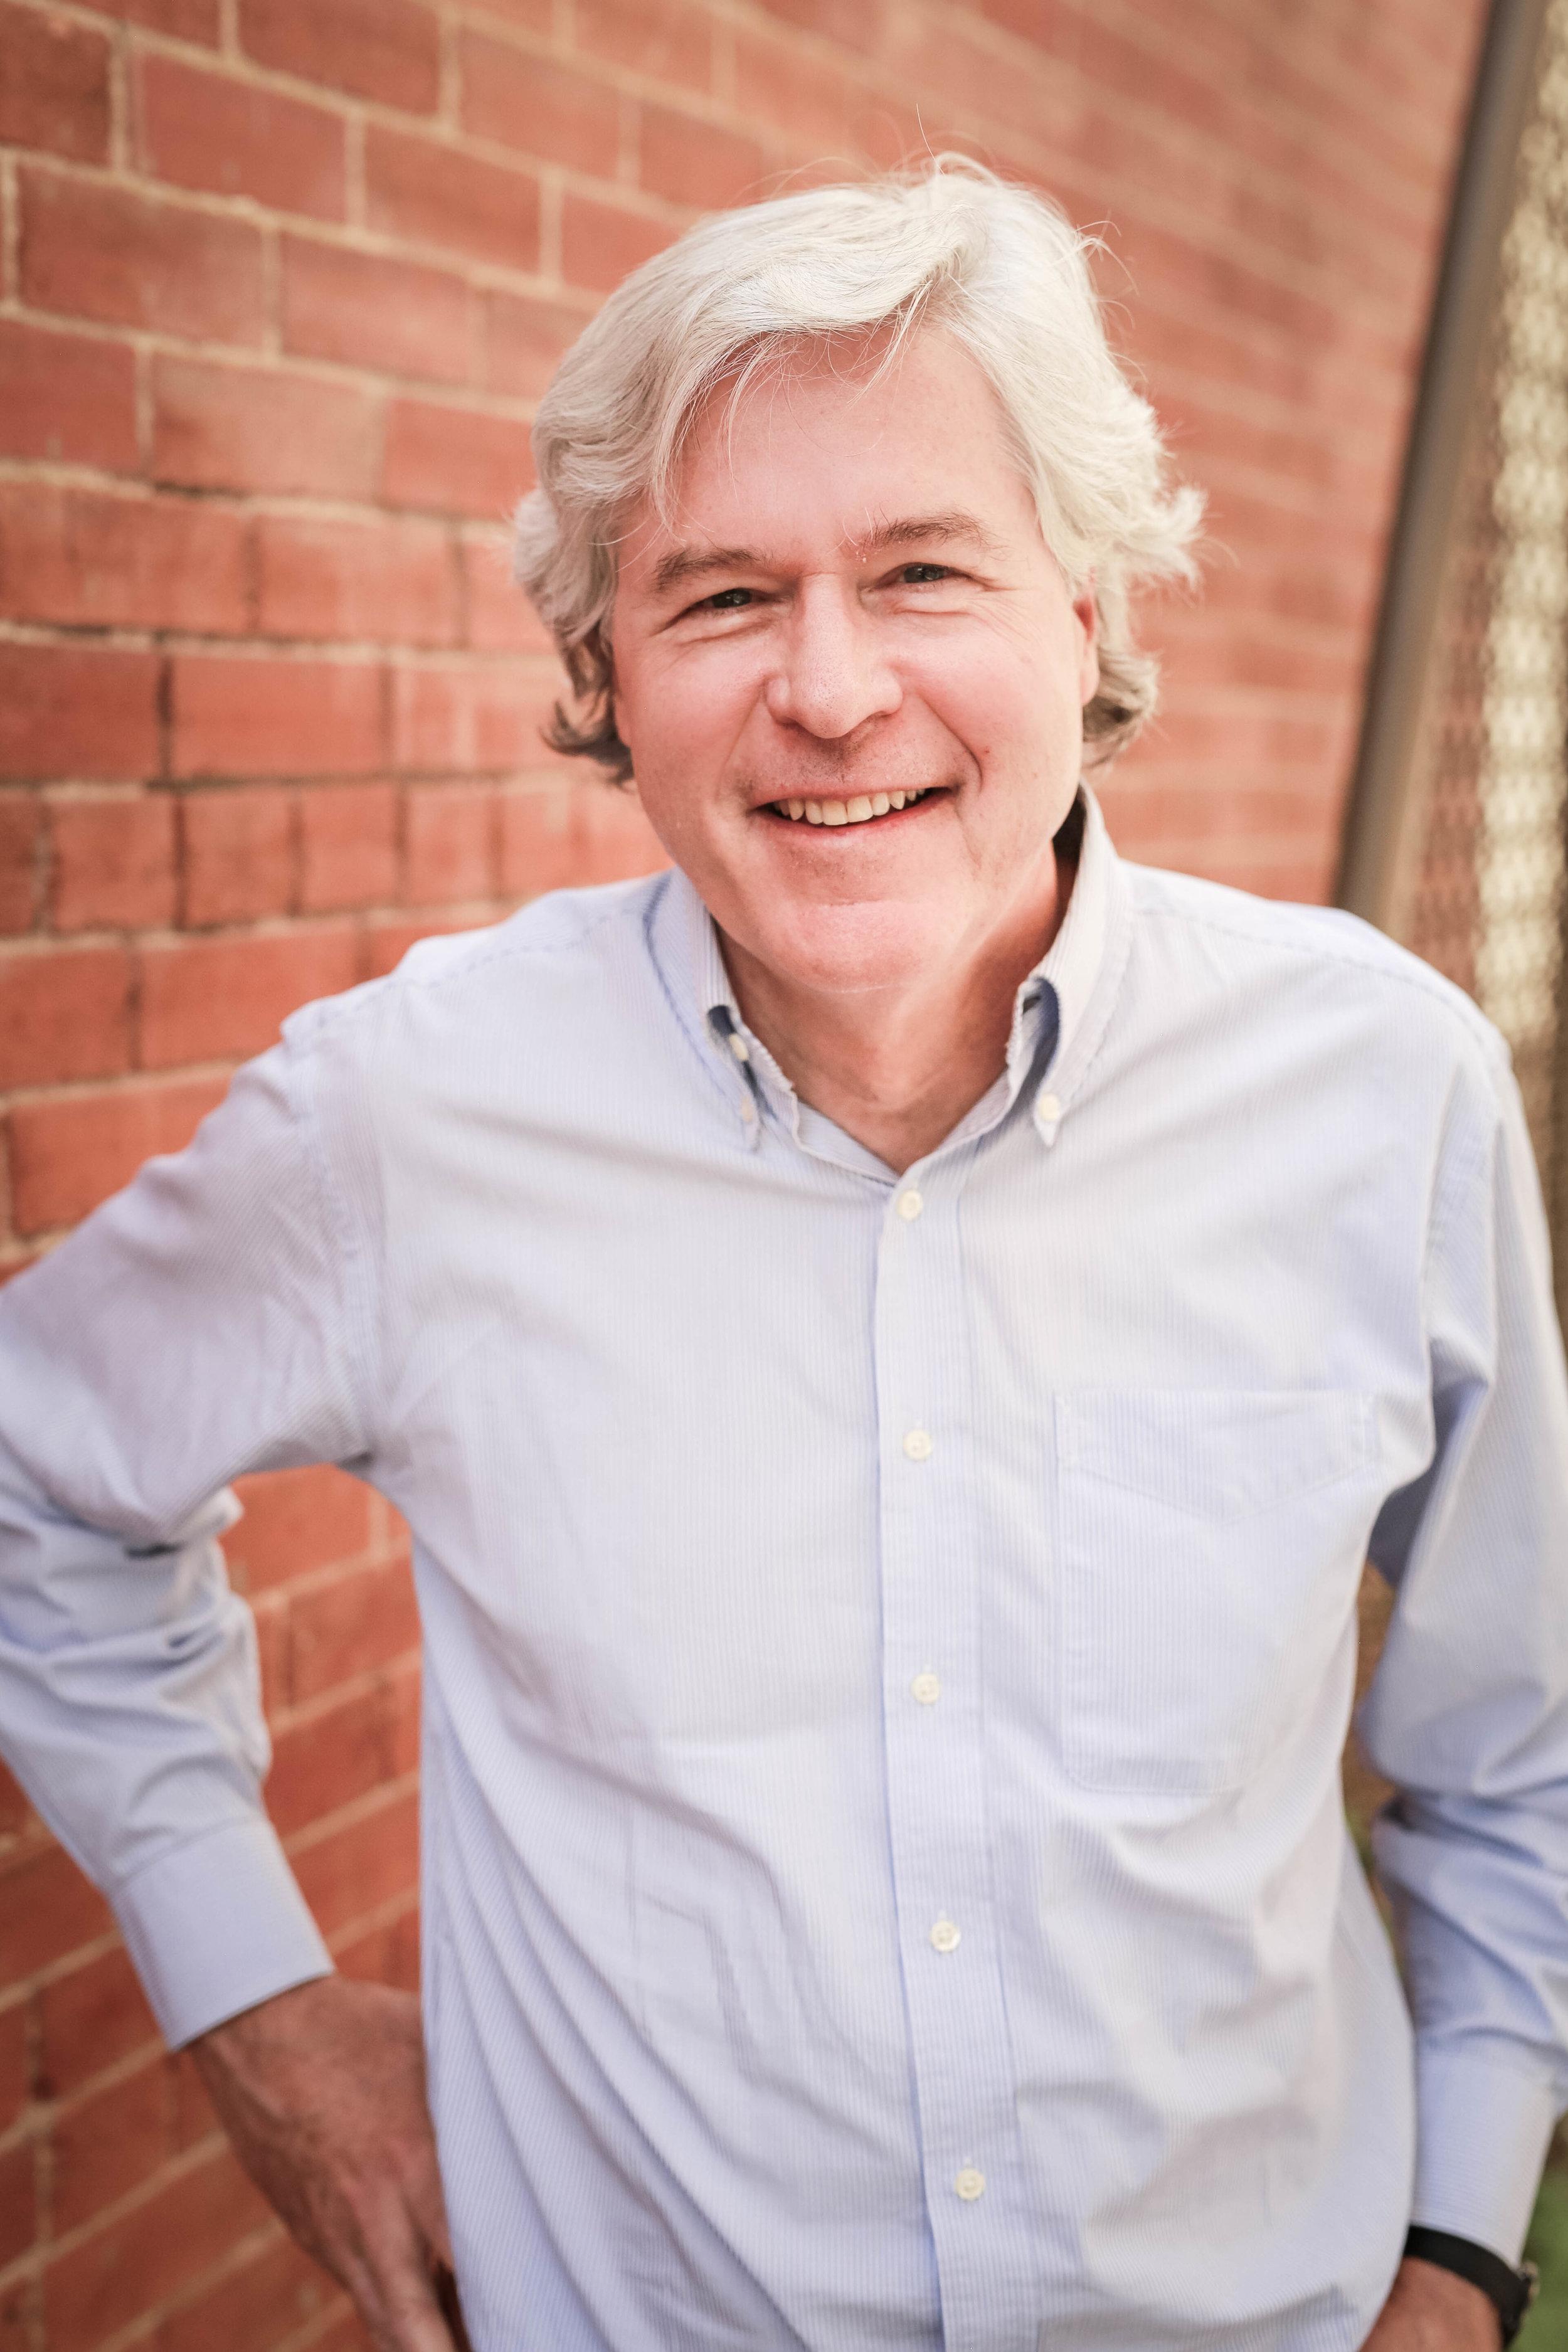 David Driscoll